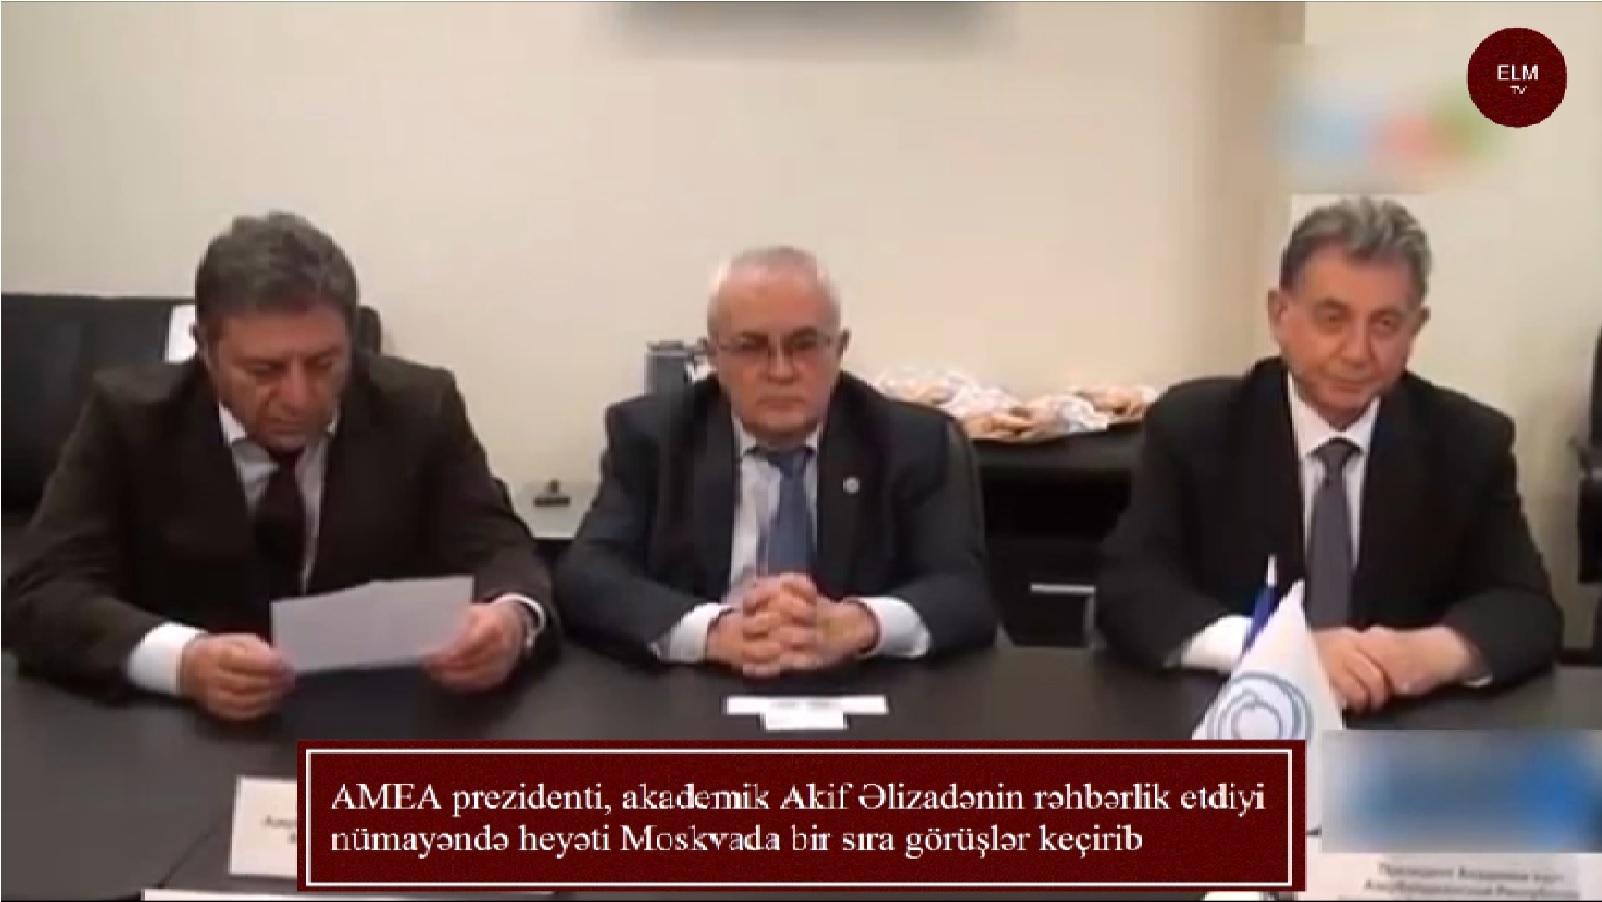 AMEA prezidenti, akademik Akif Əlizadənin rəhbərlik etdiyi nümayəndə heyəti Moskvada bir sıra görüşlər keçirib